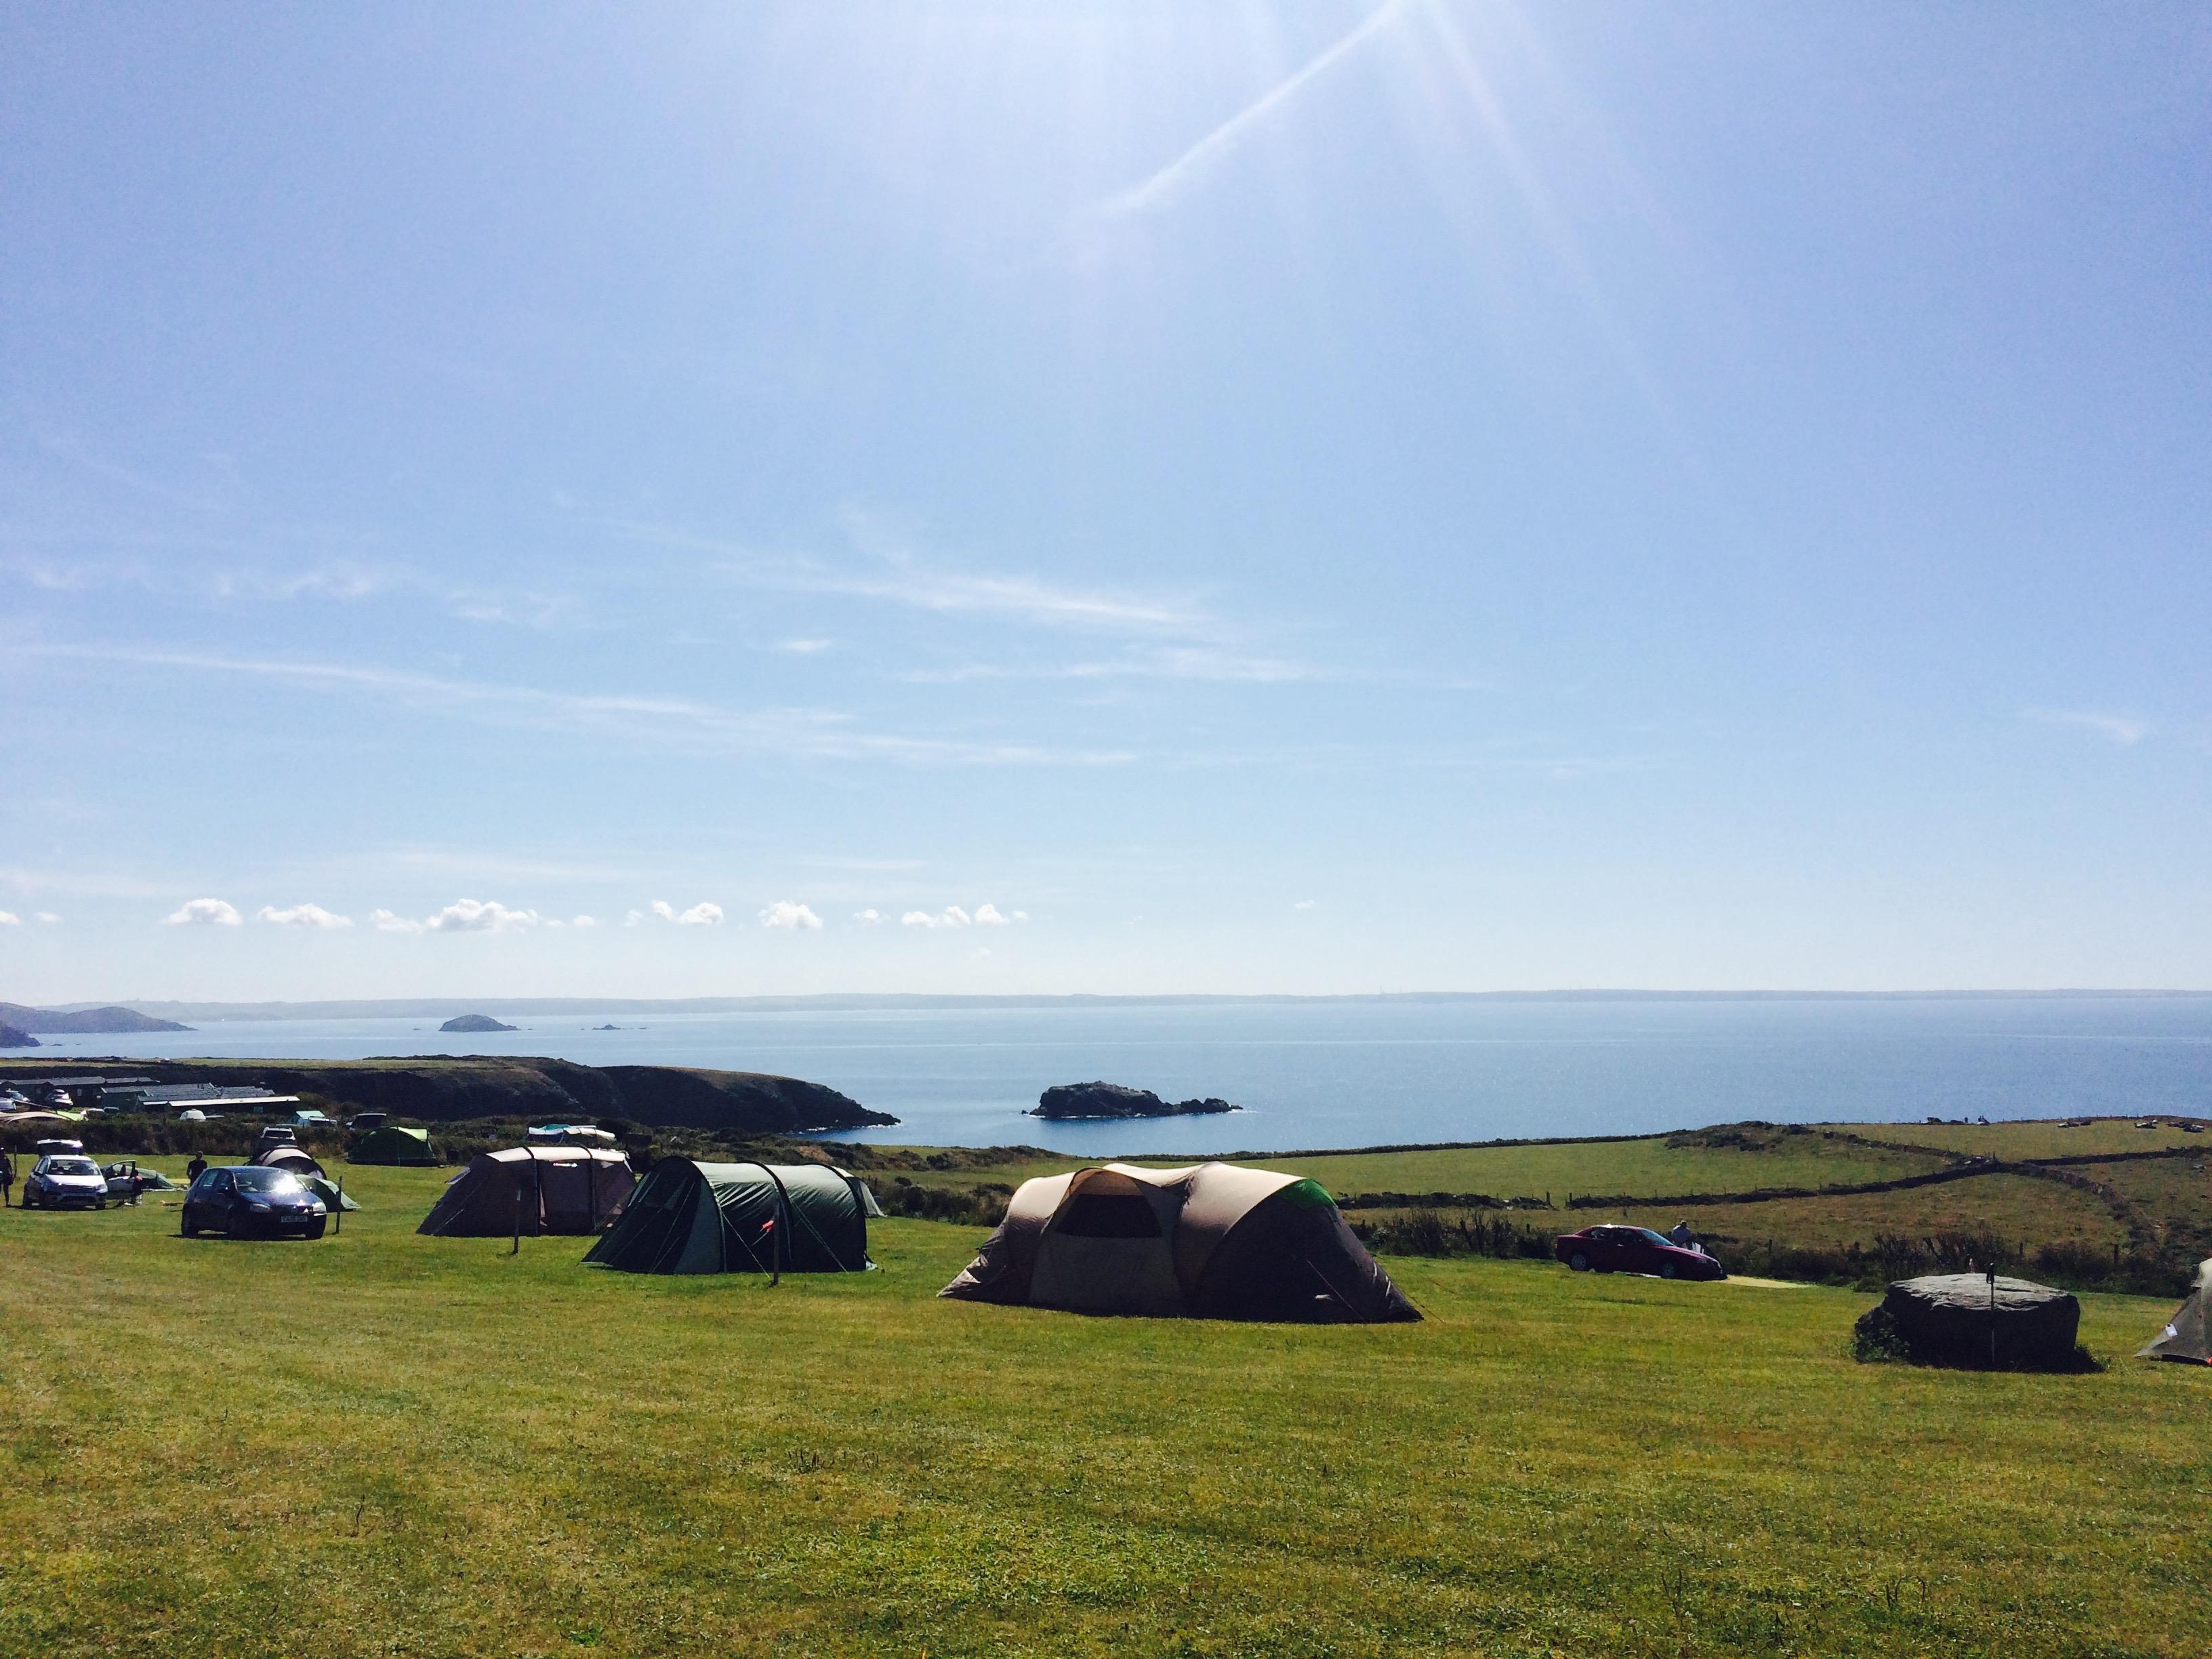 HR8-HR5, Camping fields